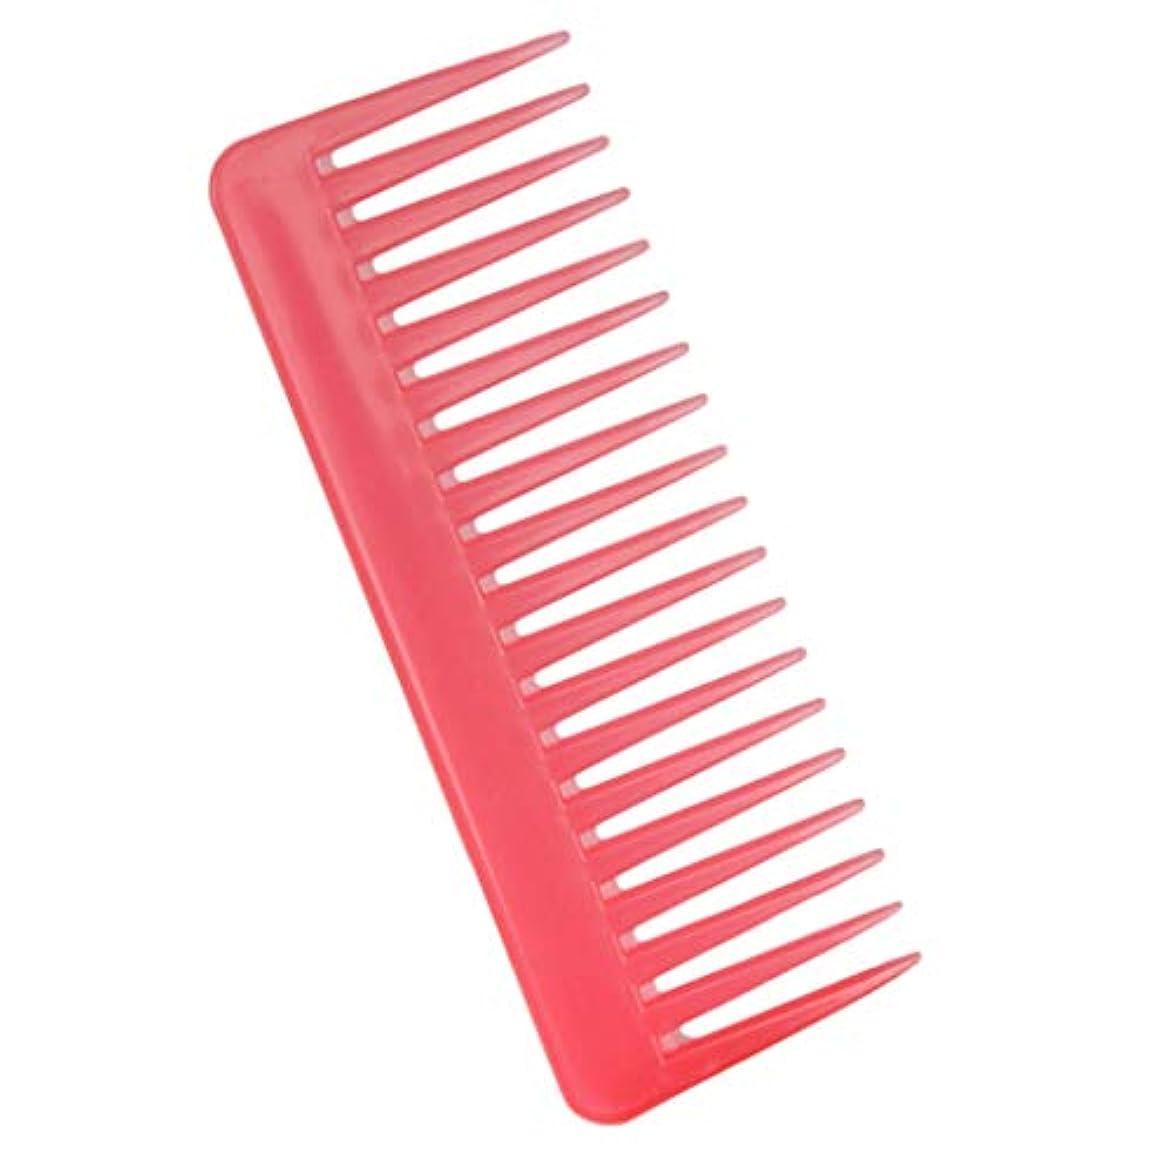 スライム満足できるパーセントP Prettyia 帯電防止櫛 ヘアケア ヘアブラシ サロン用 自宅用 ヘアコーム 3色選べ - ピンク